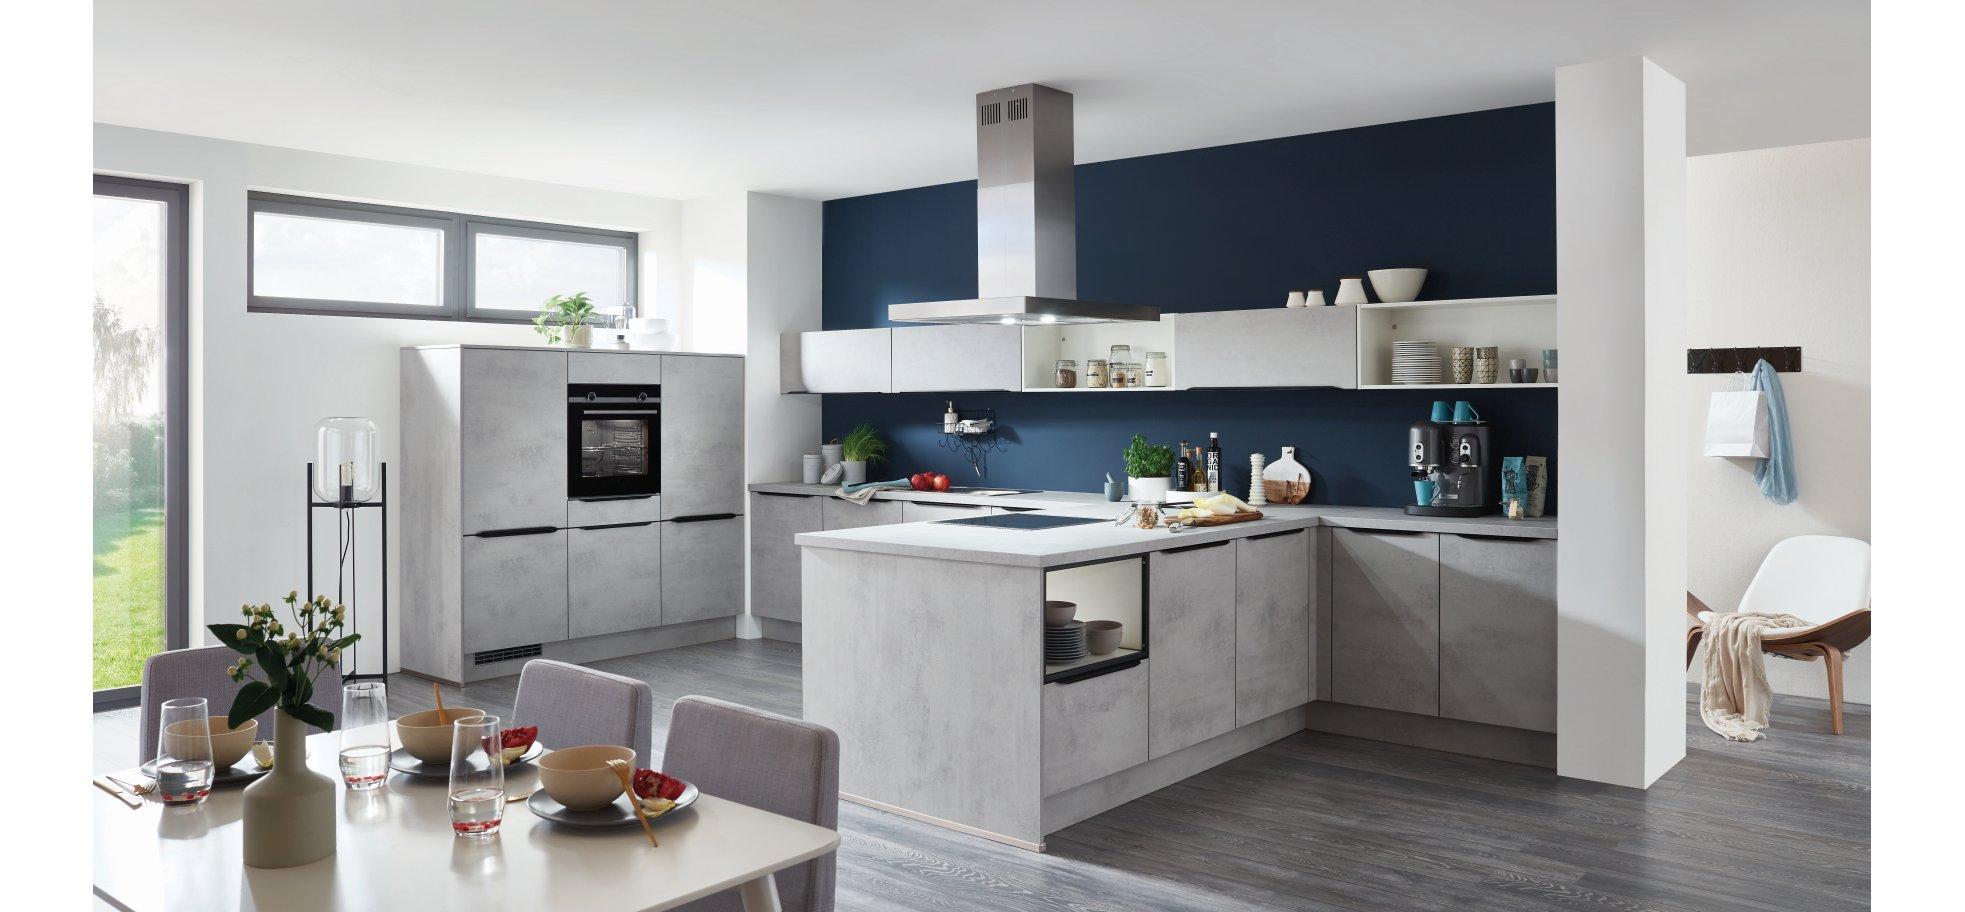 Eine Küche mit Klasse in Beton grau Nachbildung mit hochwertiger  Markentechnik von Siemens